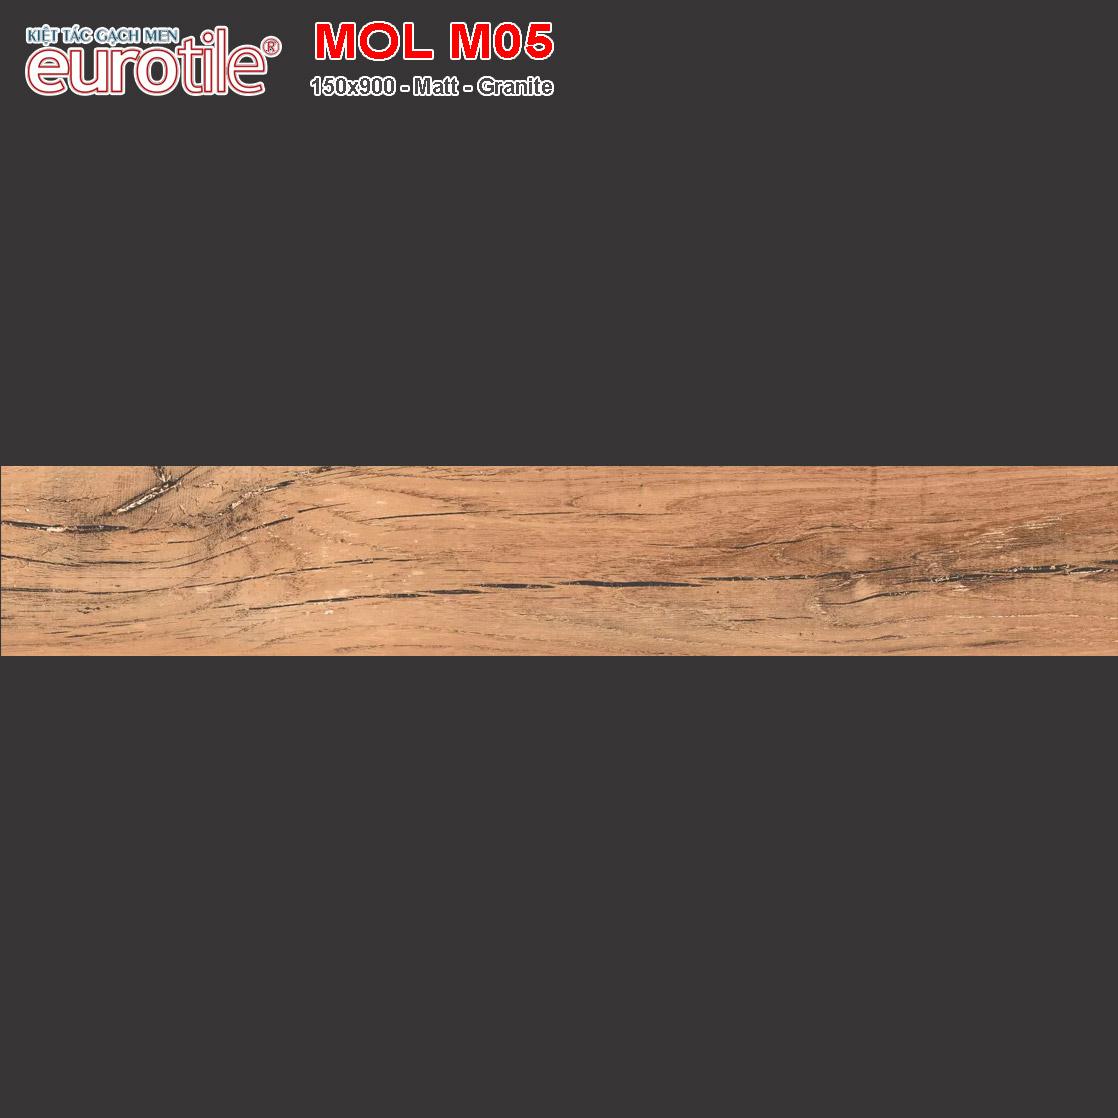 Gạch lát nền vân gỗ 150x900 Eurotile MOL M05 giá rẻ